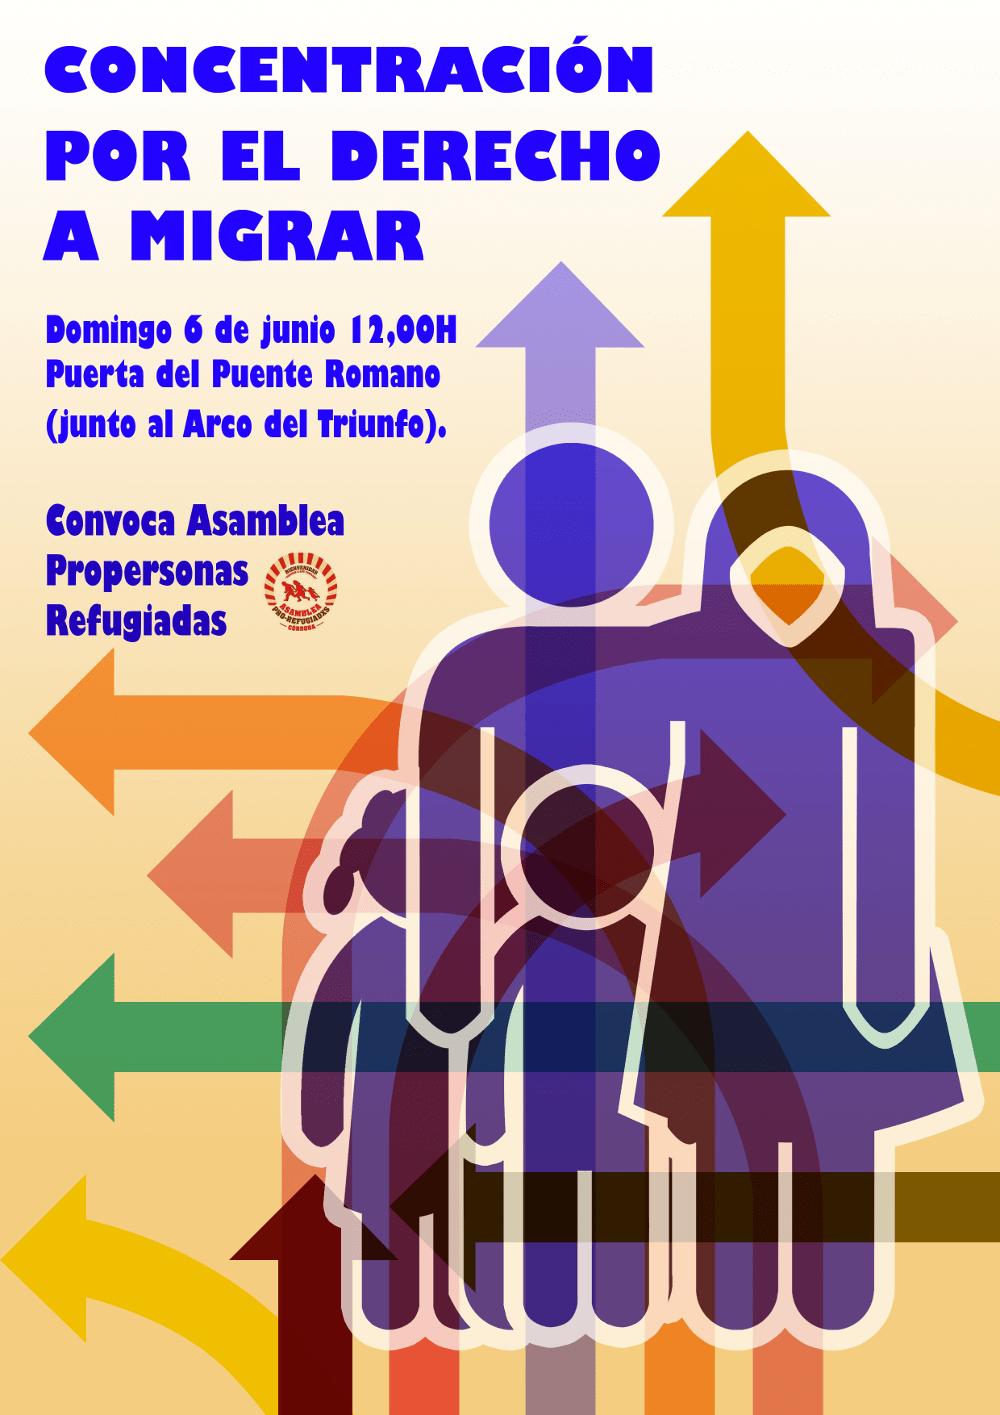 Cartel concentración por el derecho a migrar